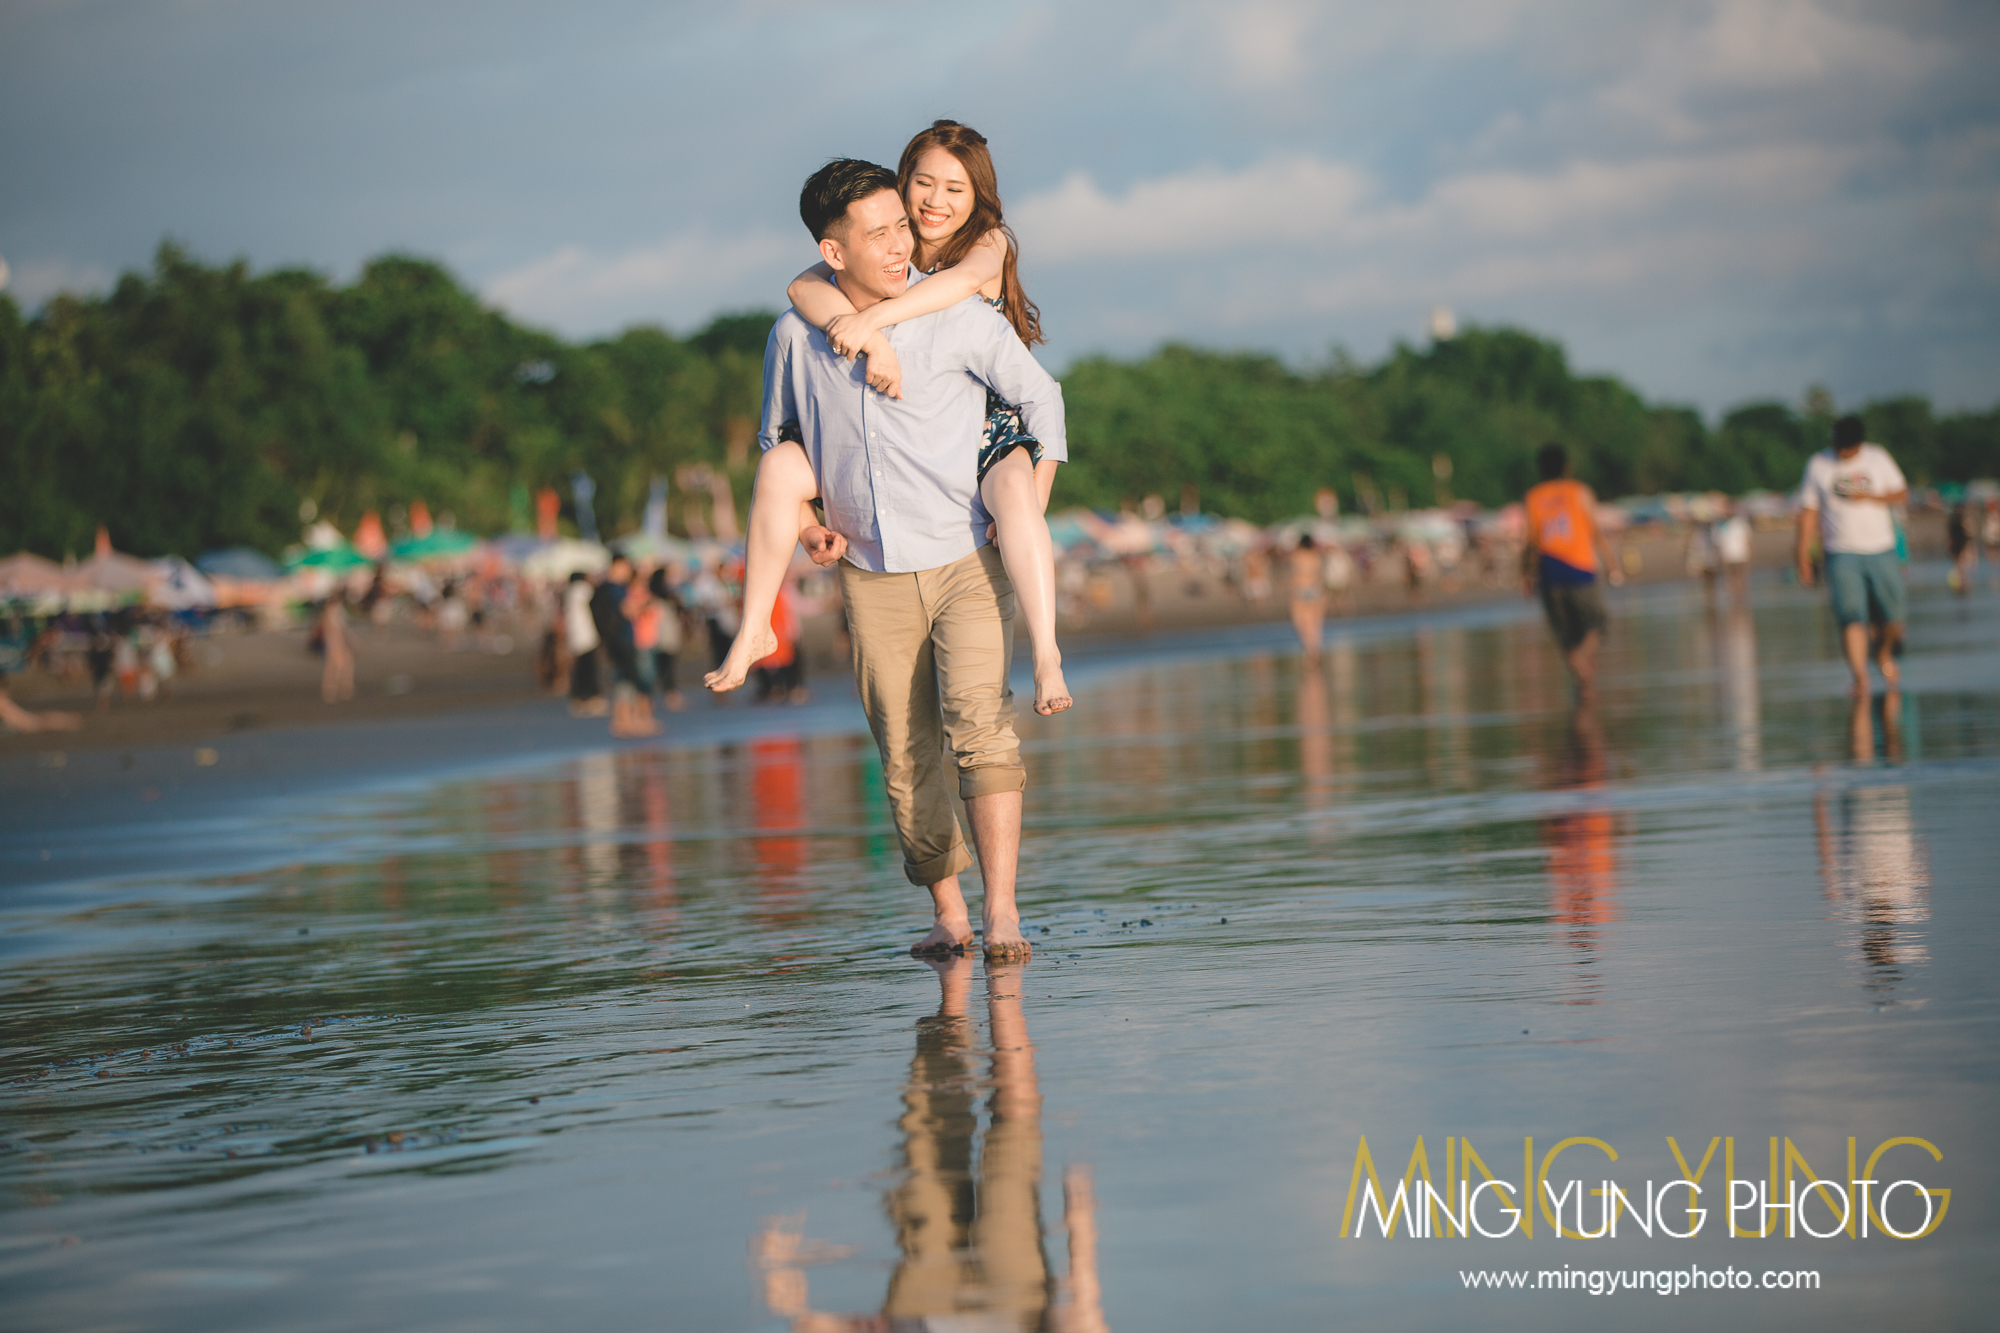 mingyungphoto-20160519-0021